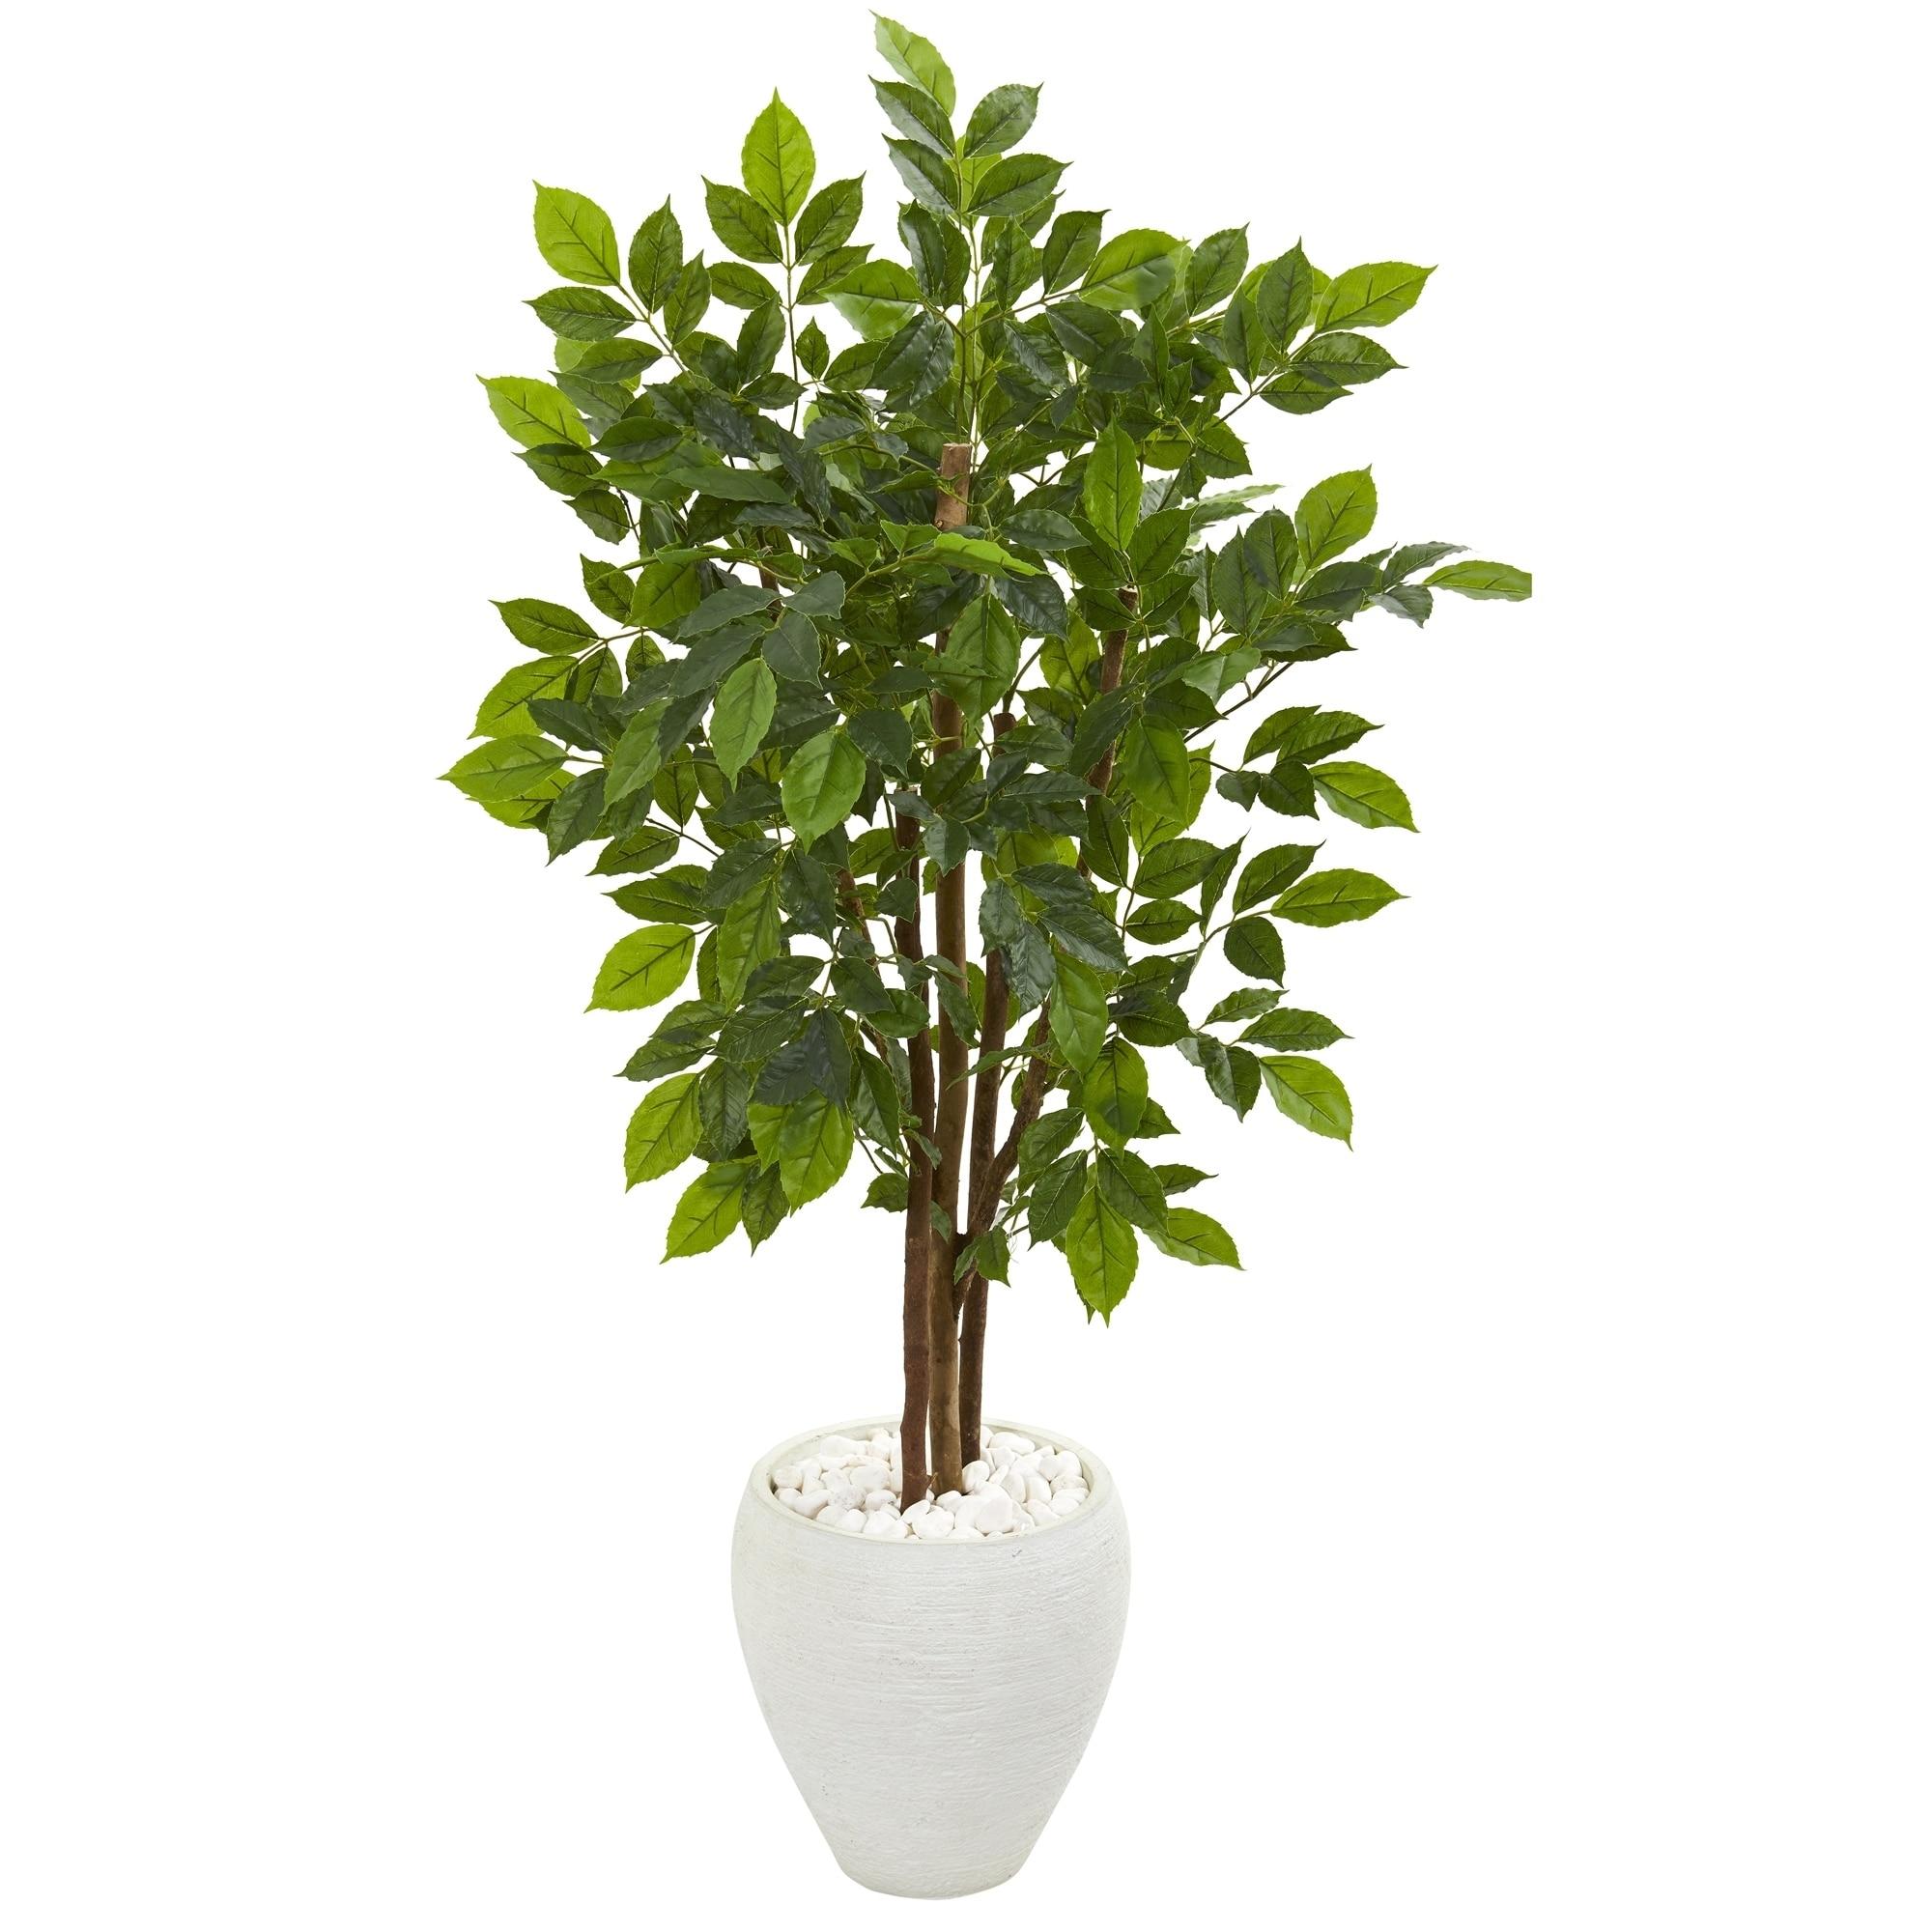 56 River Birch Artificial Tree in White Planter